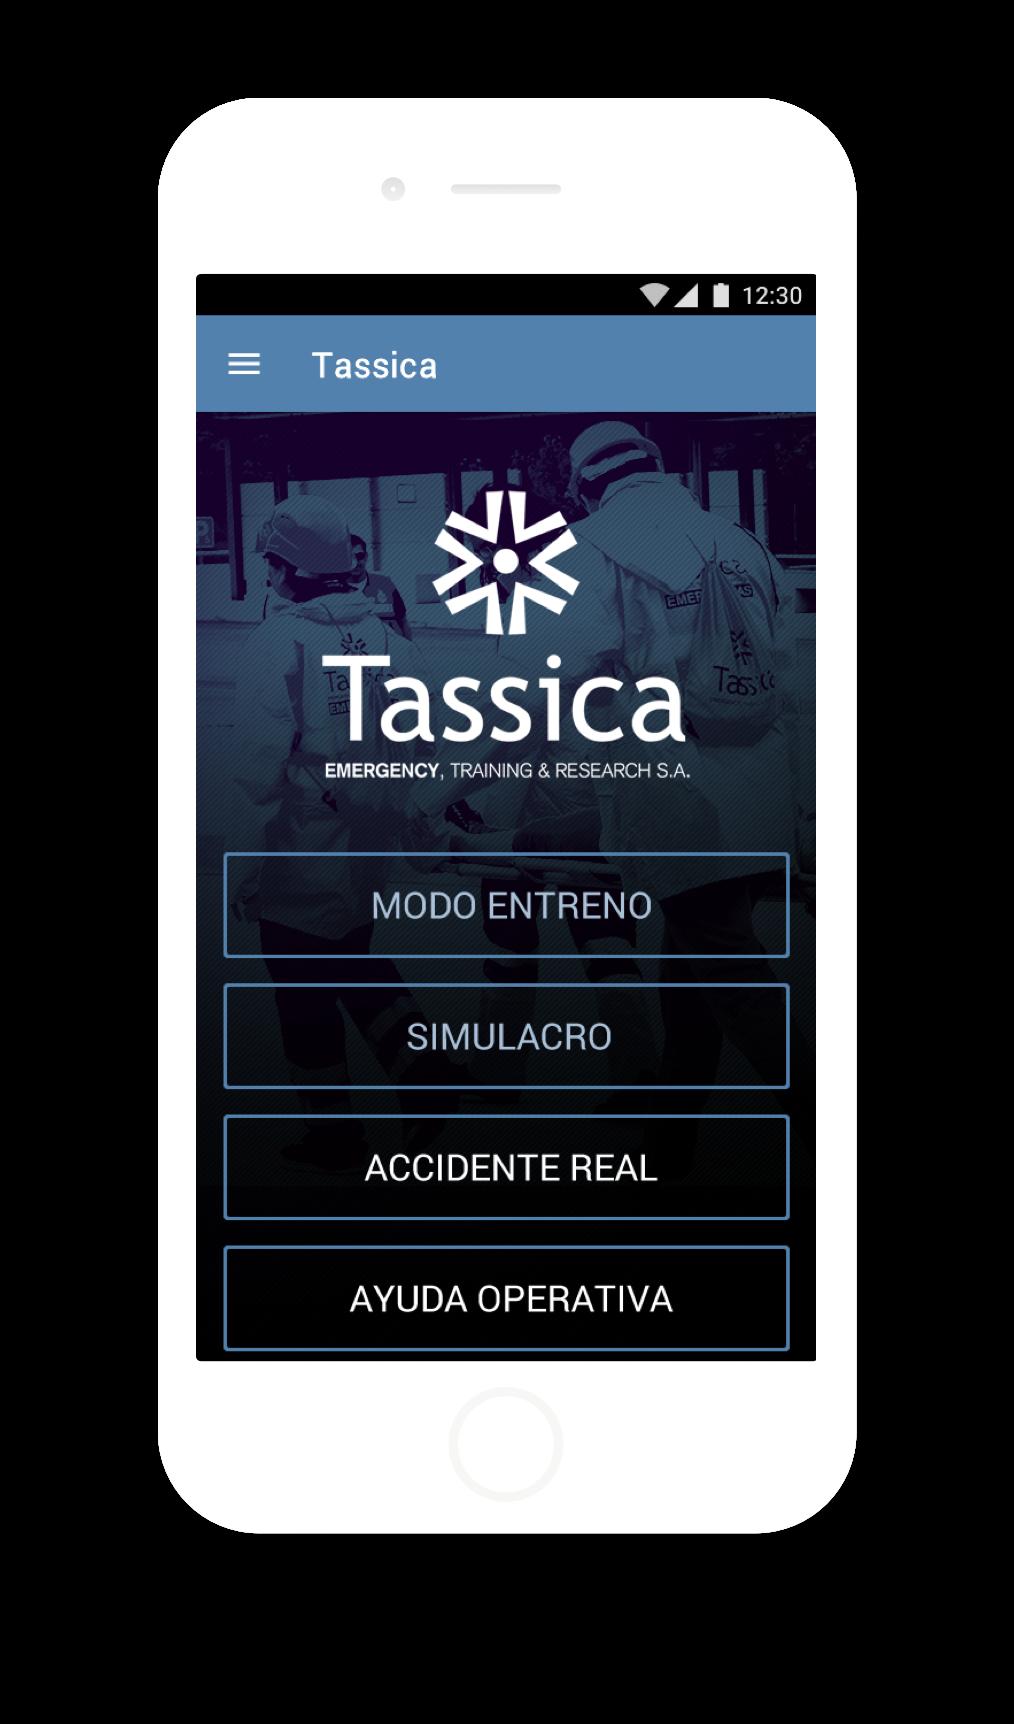 tassica-1